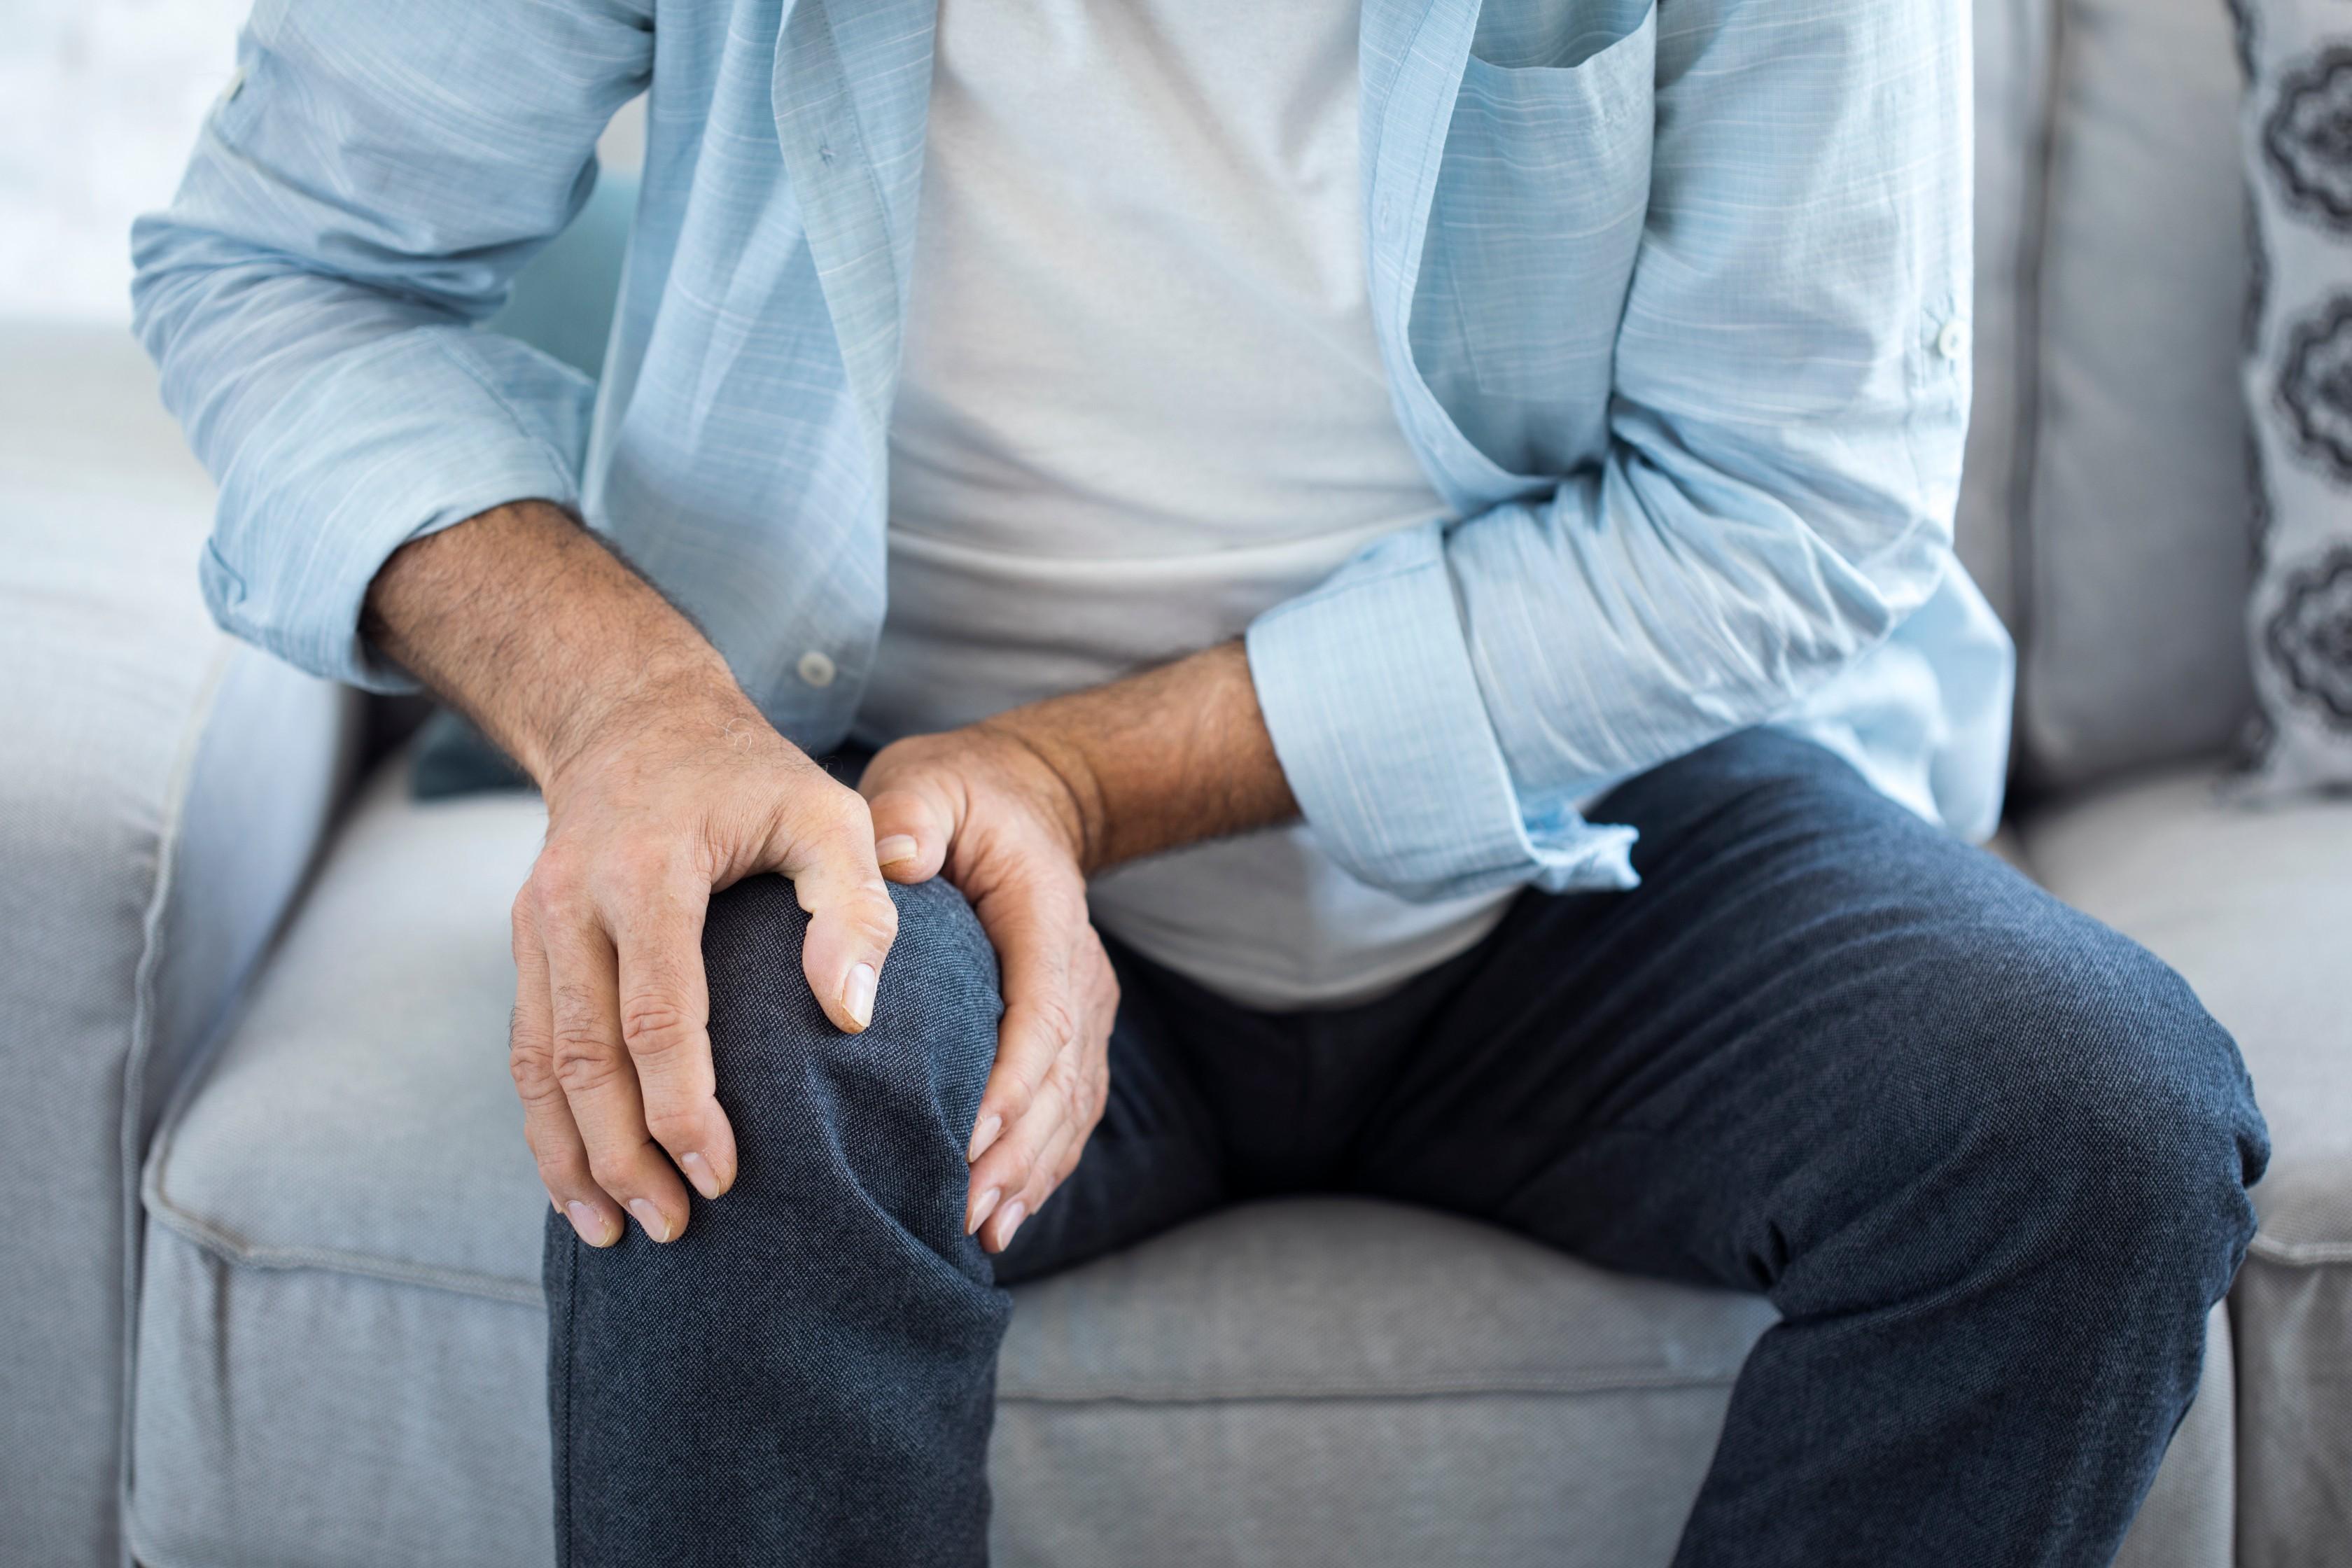 hogyan érzésteleníteni a súlyos ízületi fájdalmakat hogyan kell kezelni a csípőtörést